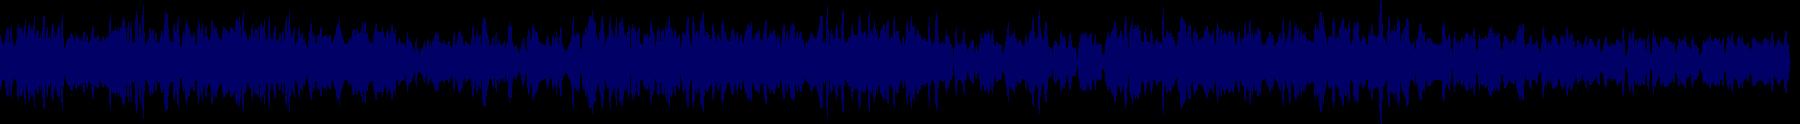 waveform of track #69614